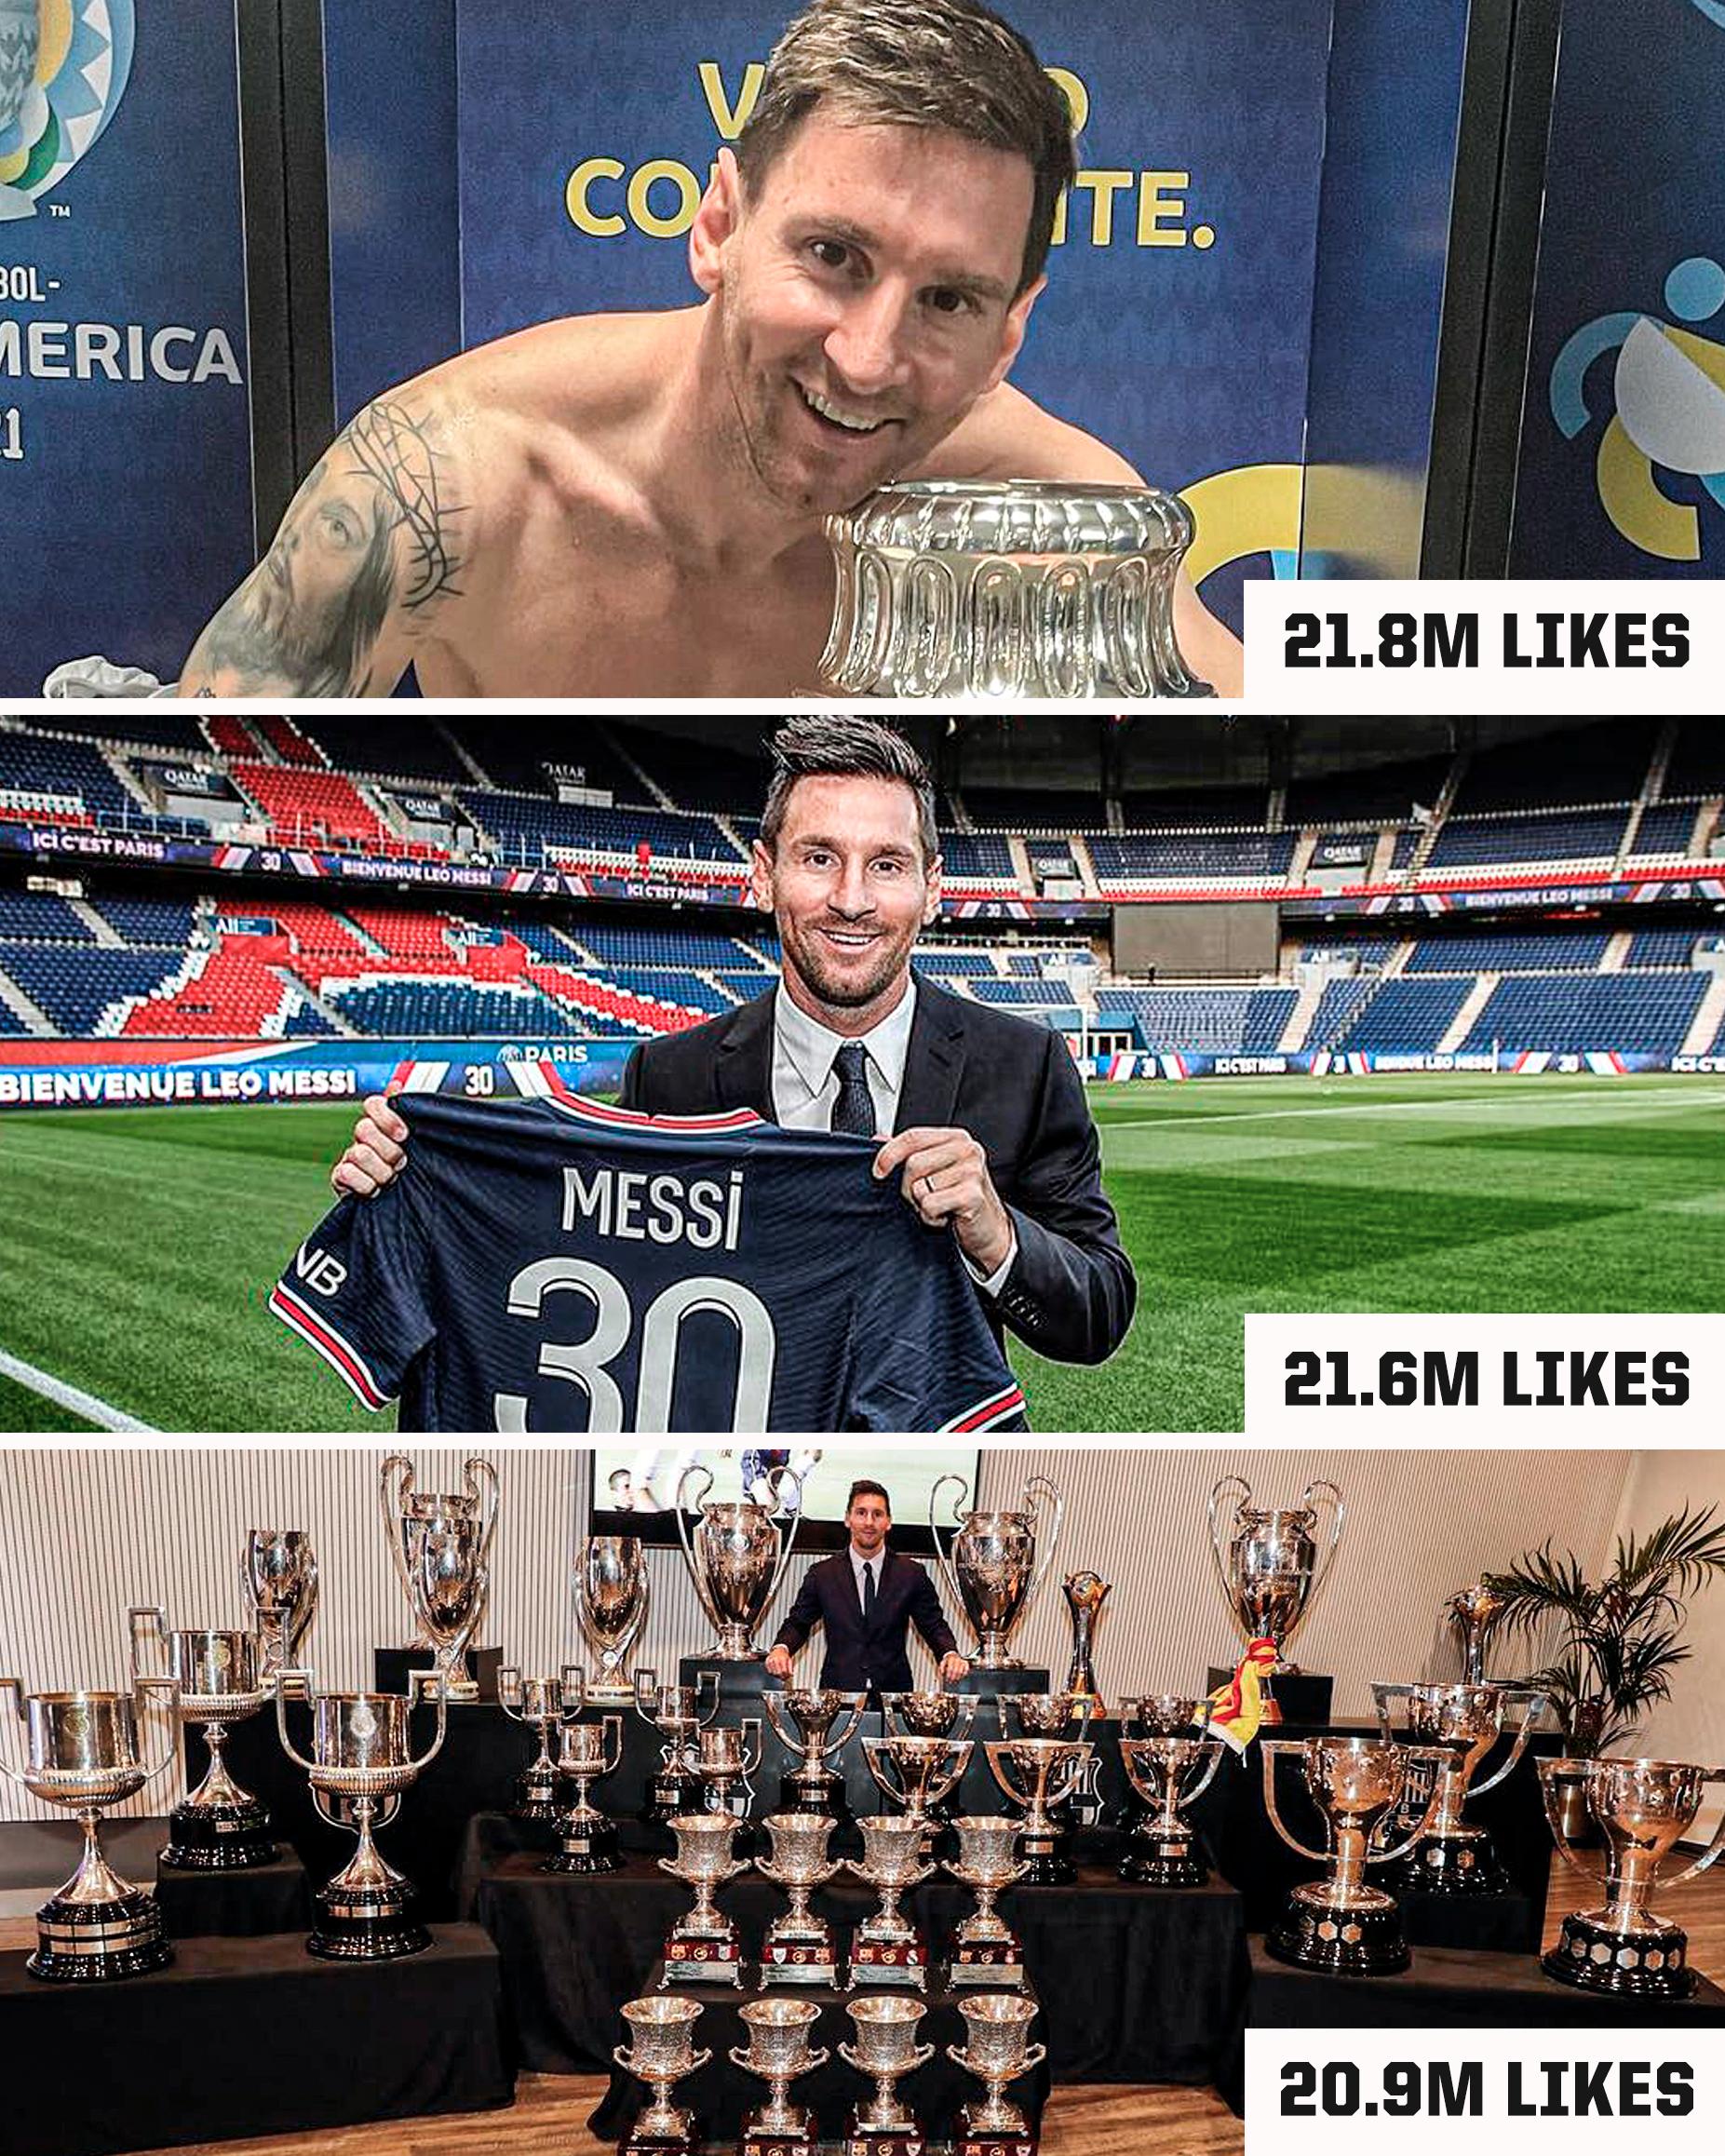 Ba bài đăng của Messi nhận được hơn 20 triệu lượt thích, trong khi không có nhân vật thể thao nào có bài được đạt mốc này.